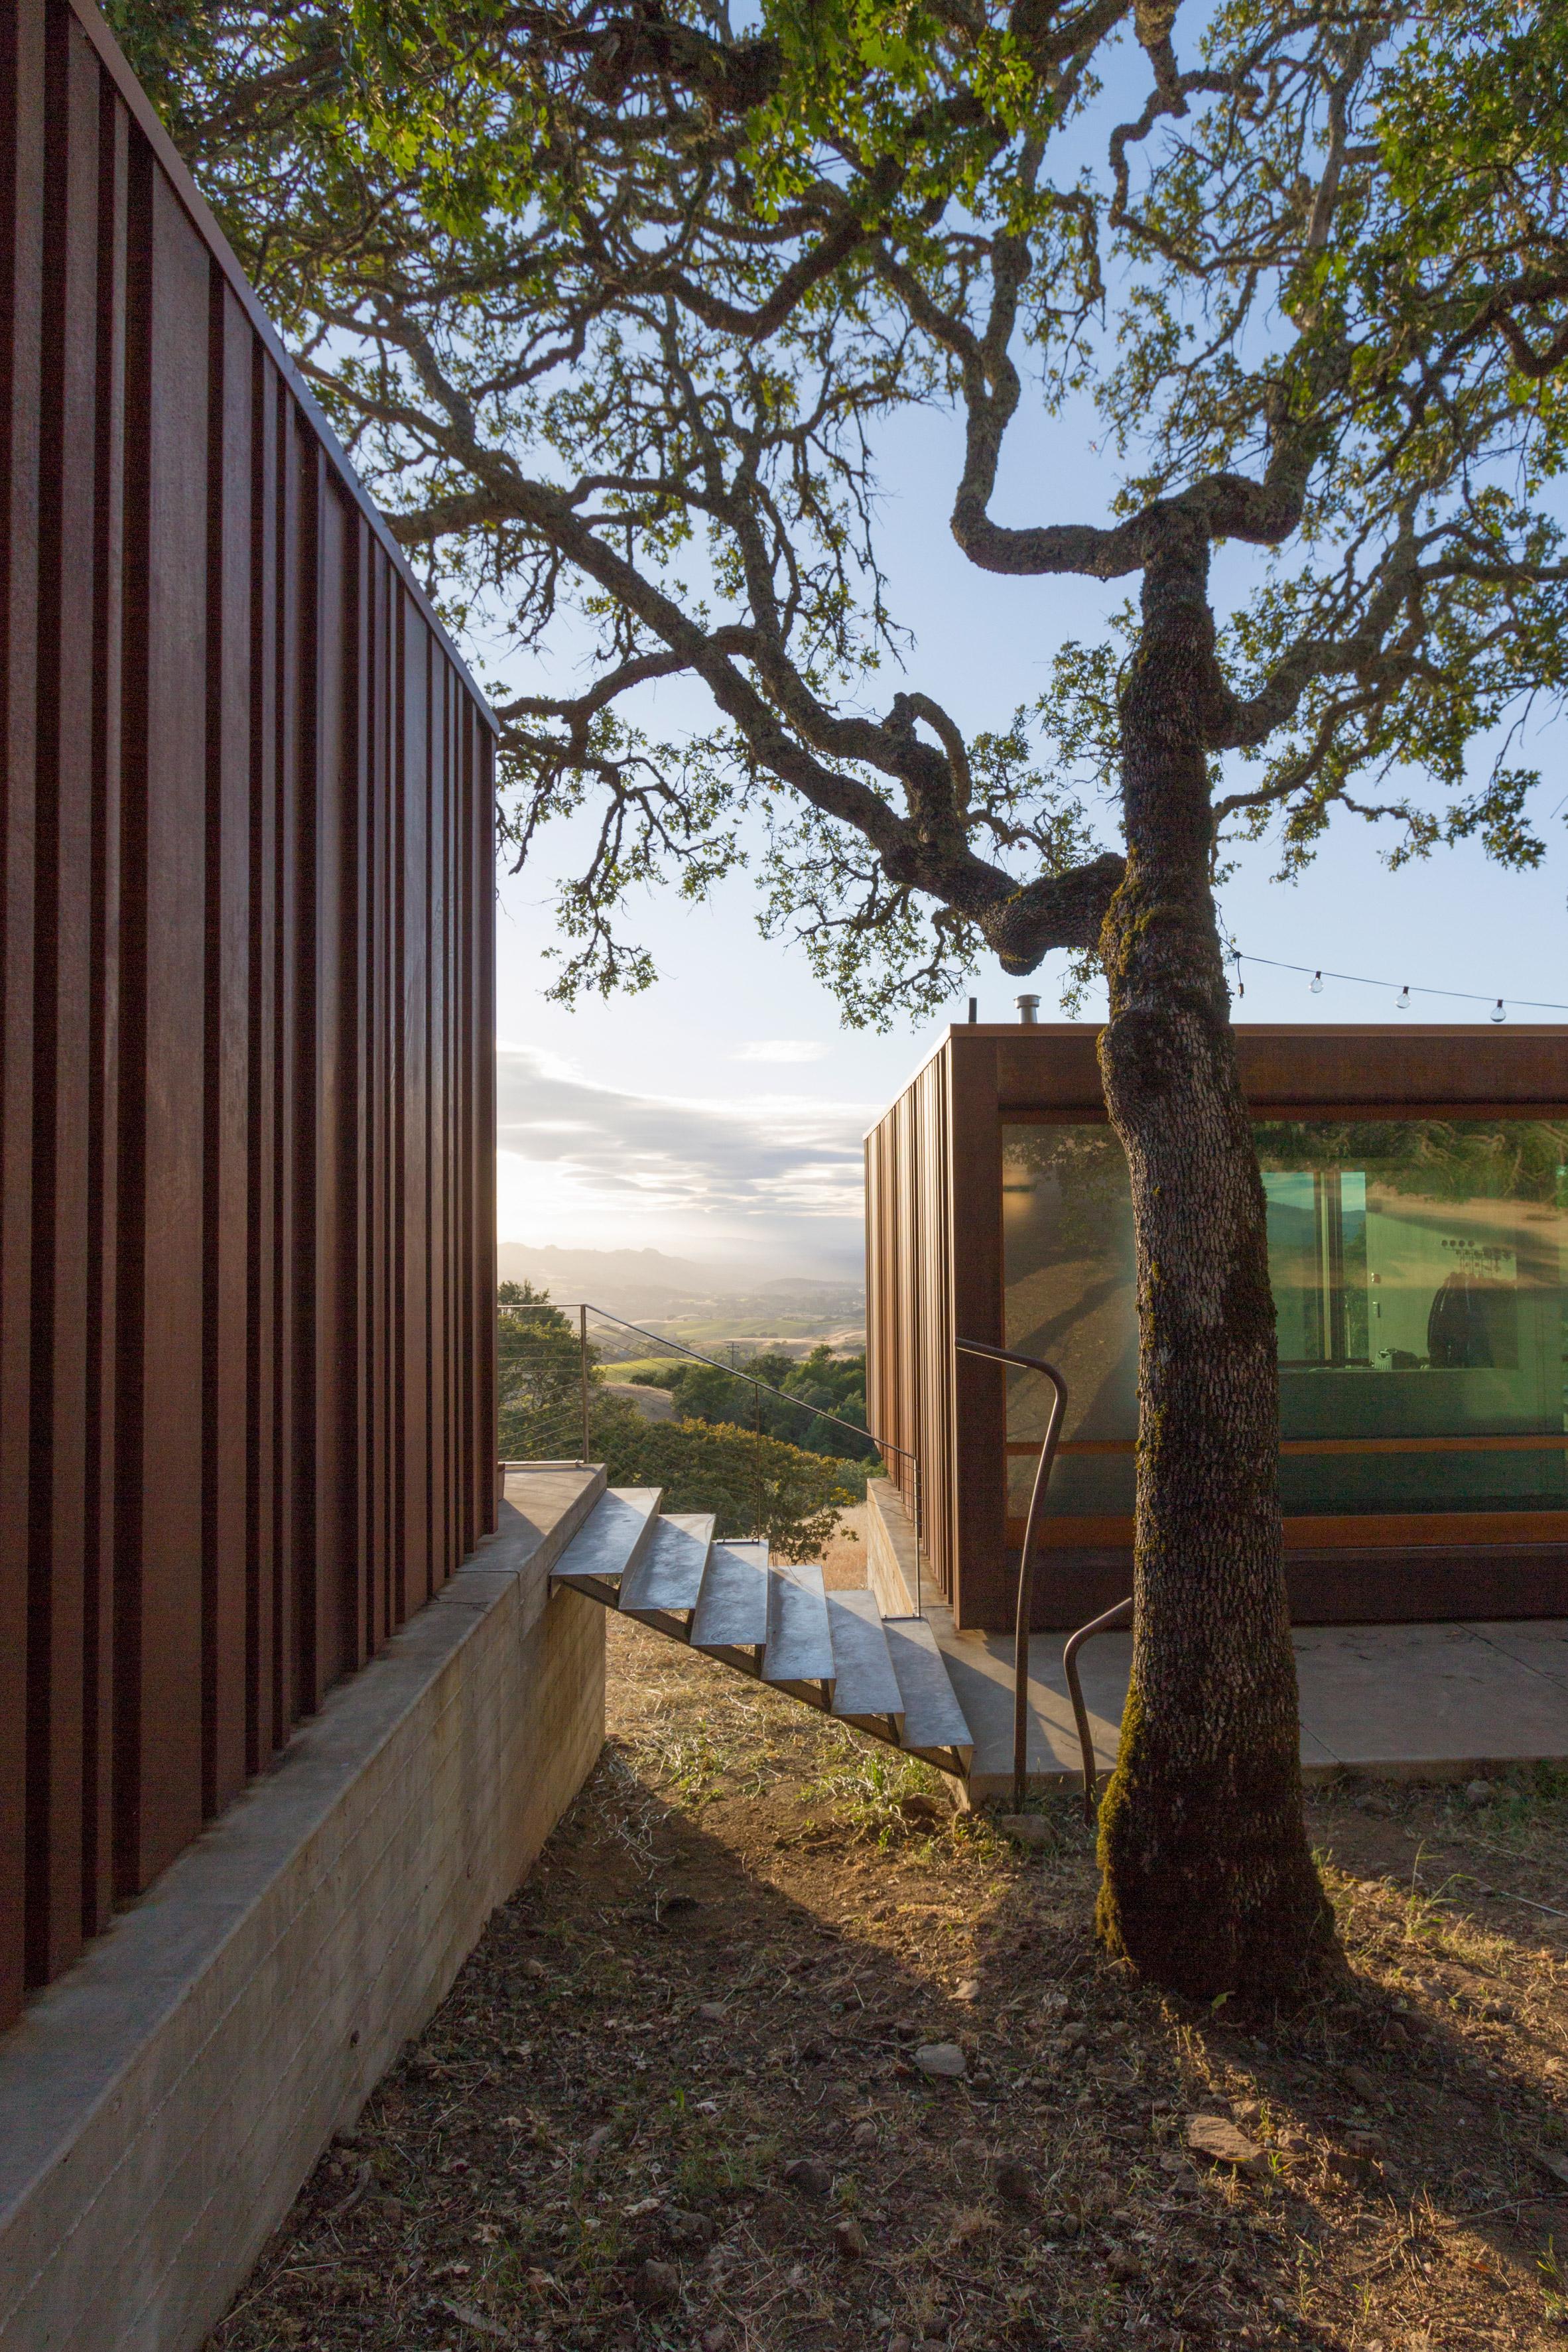 4-casa-na-california-e-feita-de-modulos-de-aco-pre-fabricados